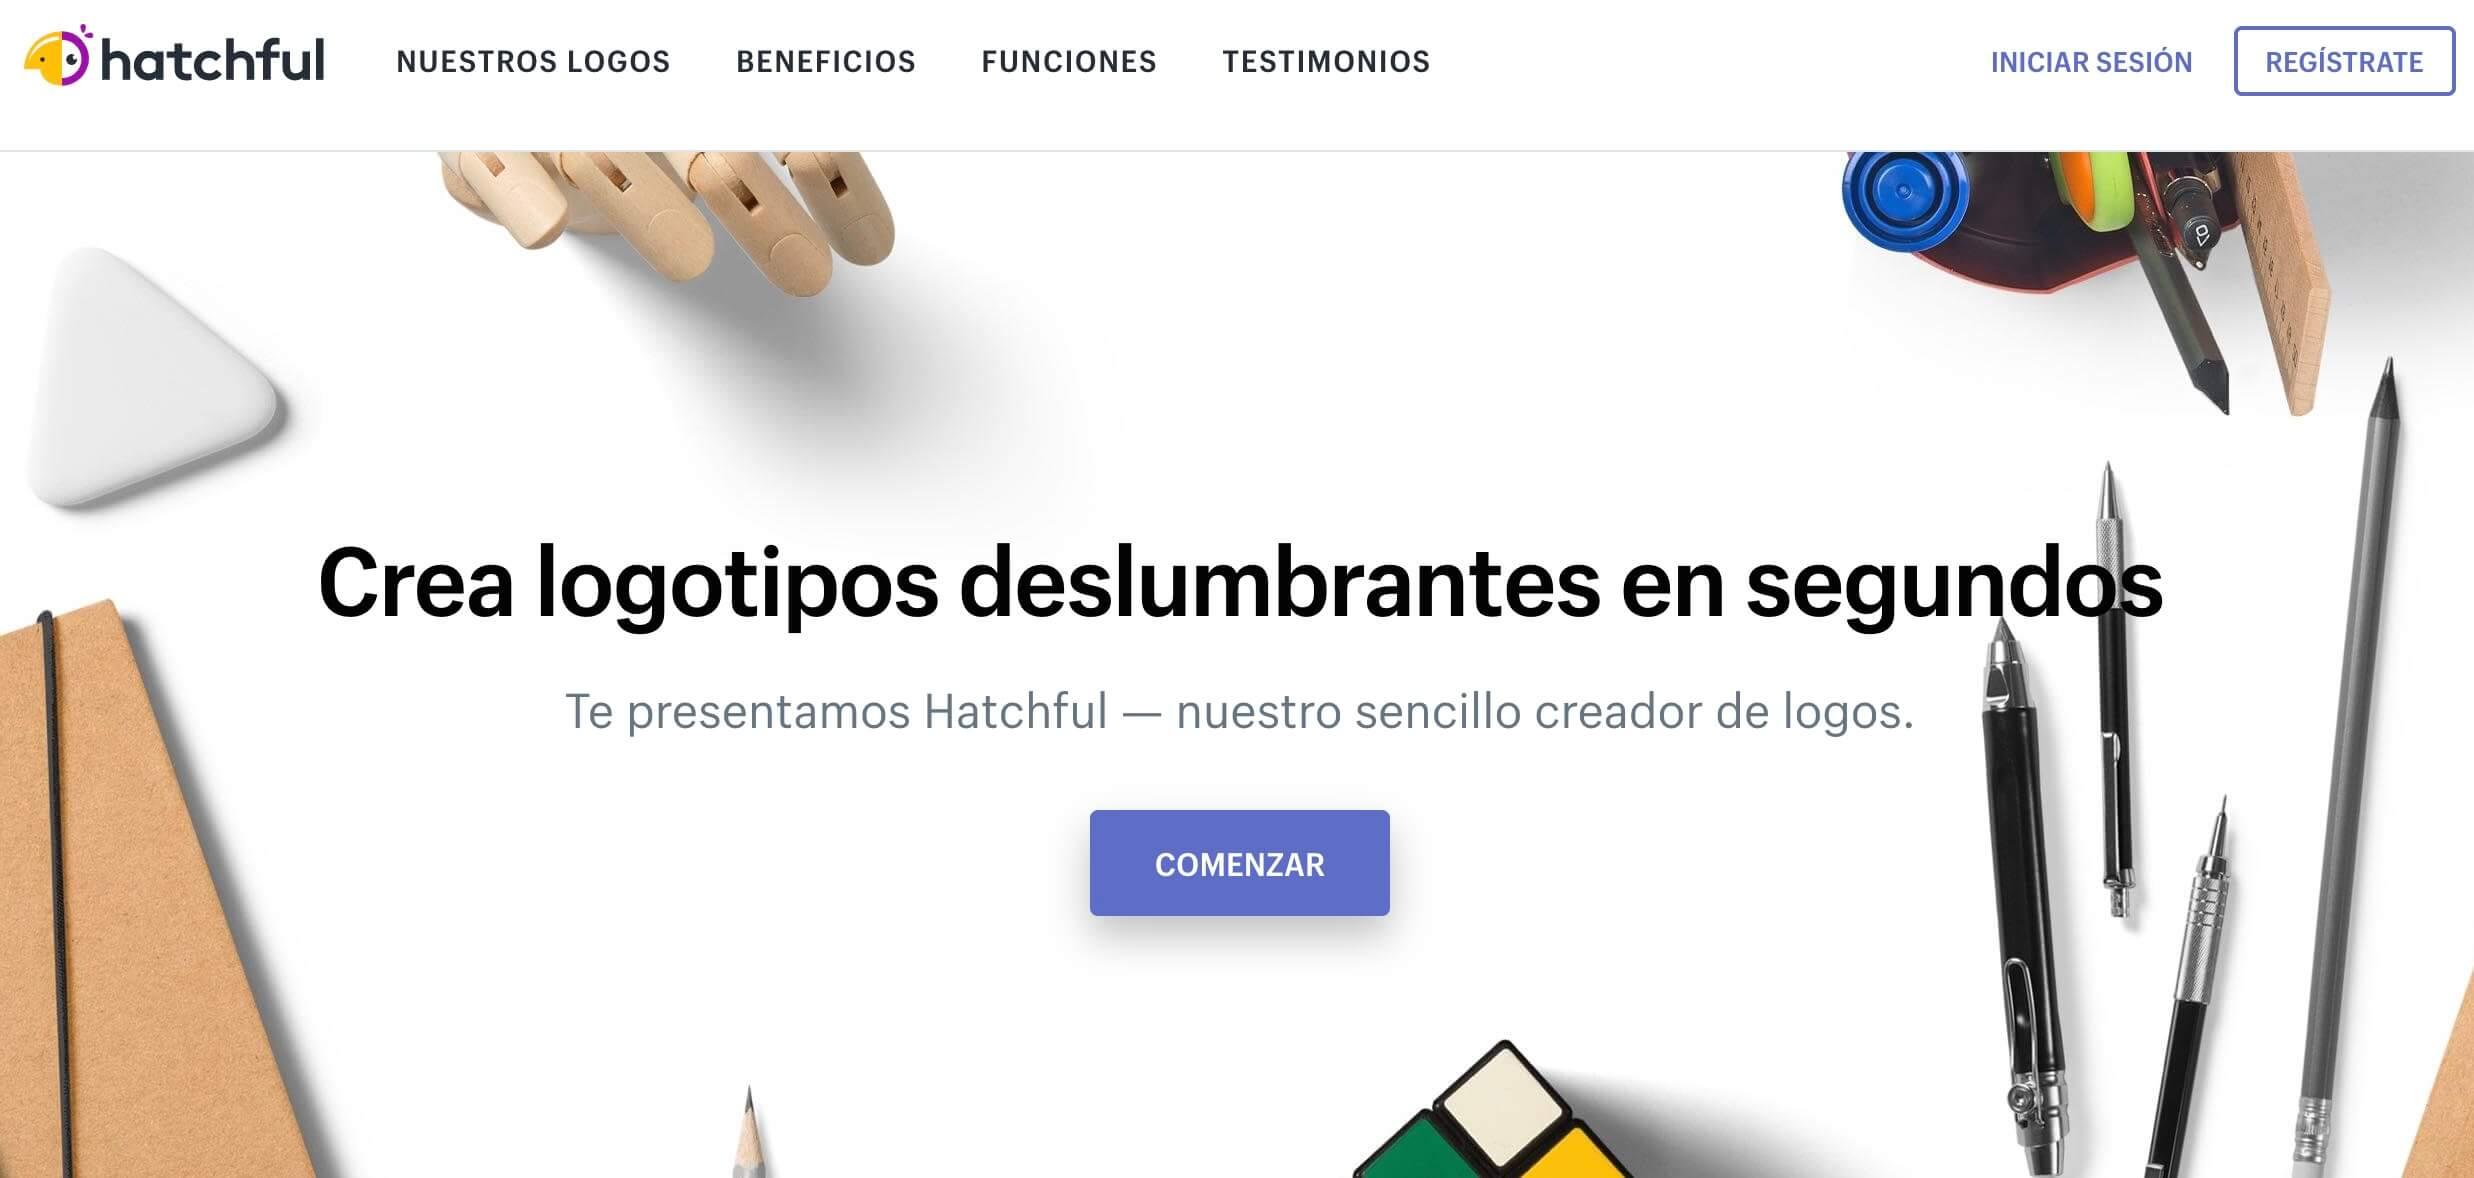 Hatchful, creador de logotipos gratuito